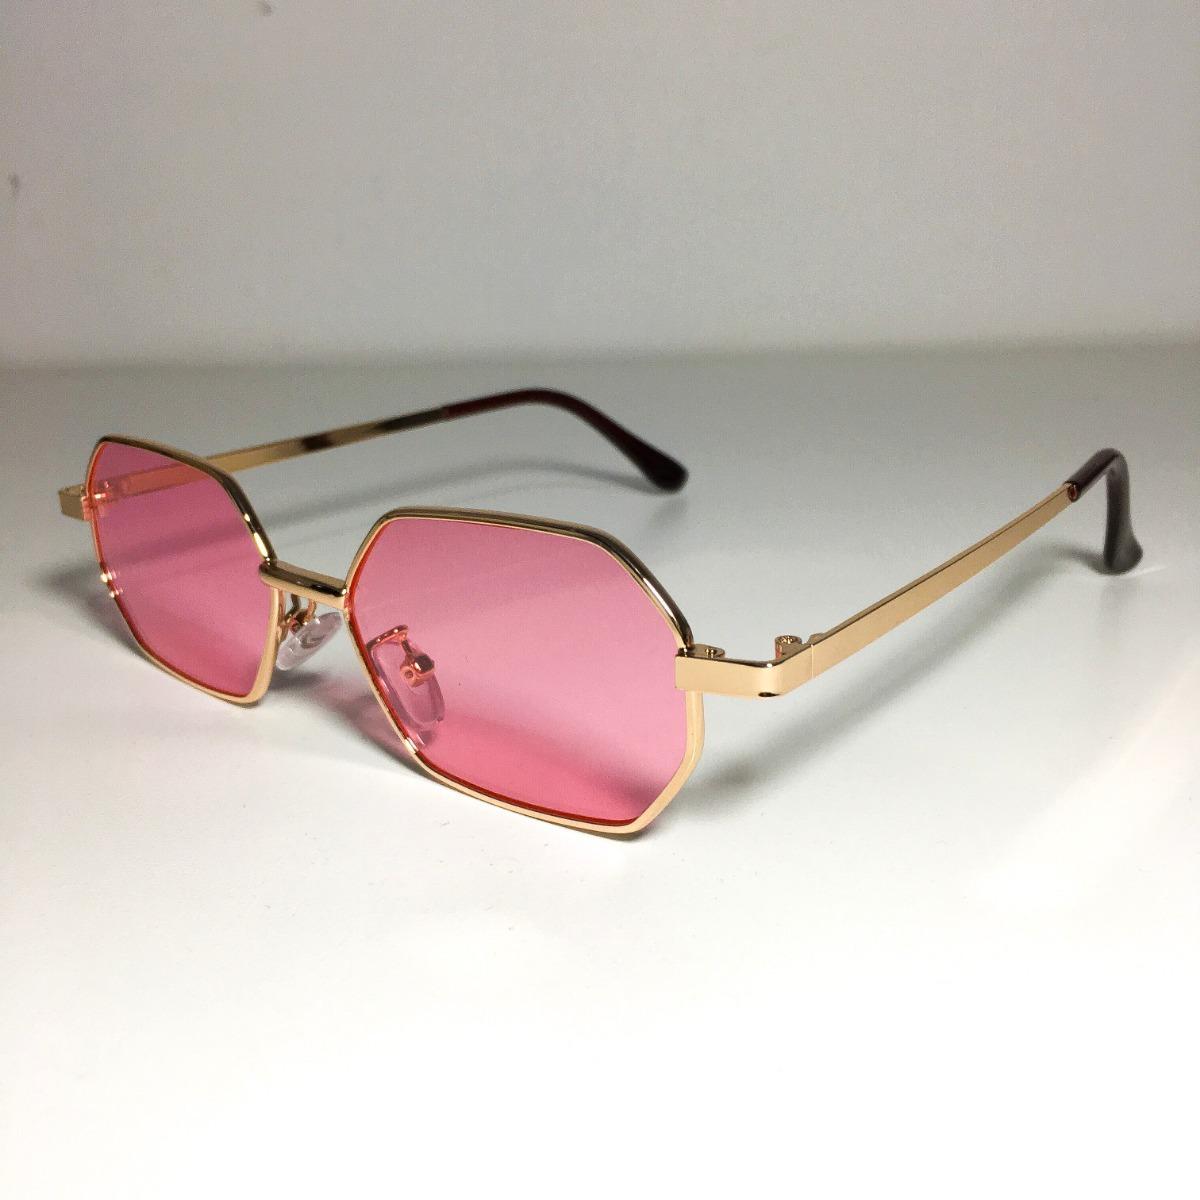 3dd7955930ba5 óculos quadrado de sol retro vintage anos 90 rosa. Carregando zoom.